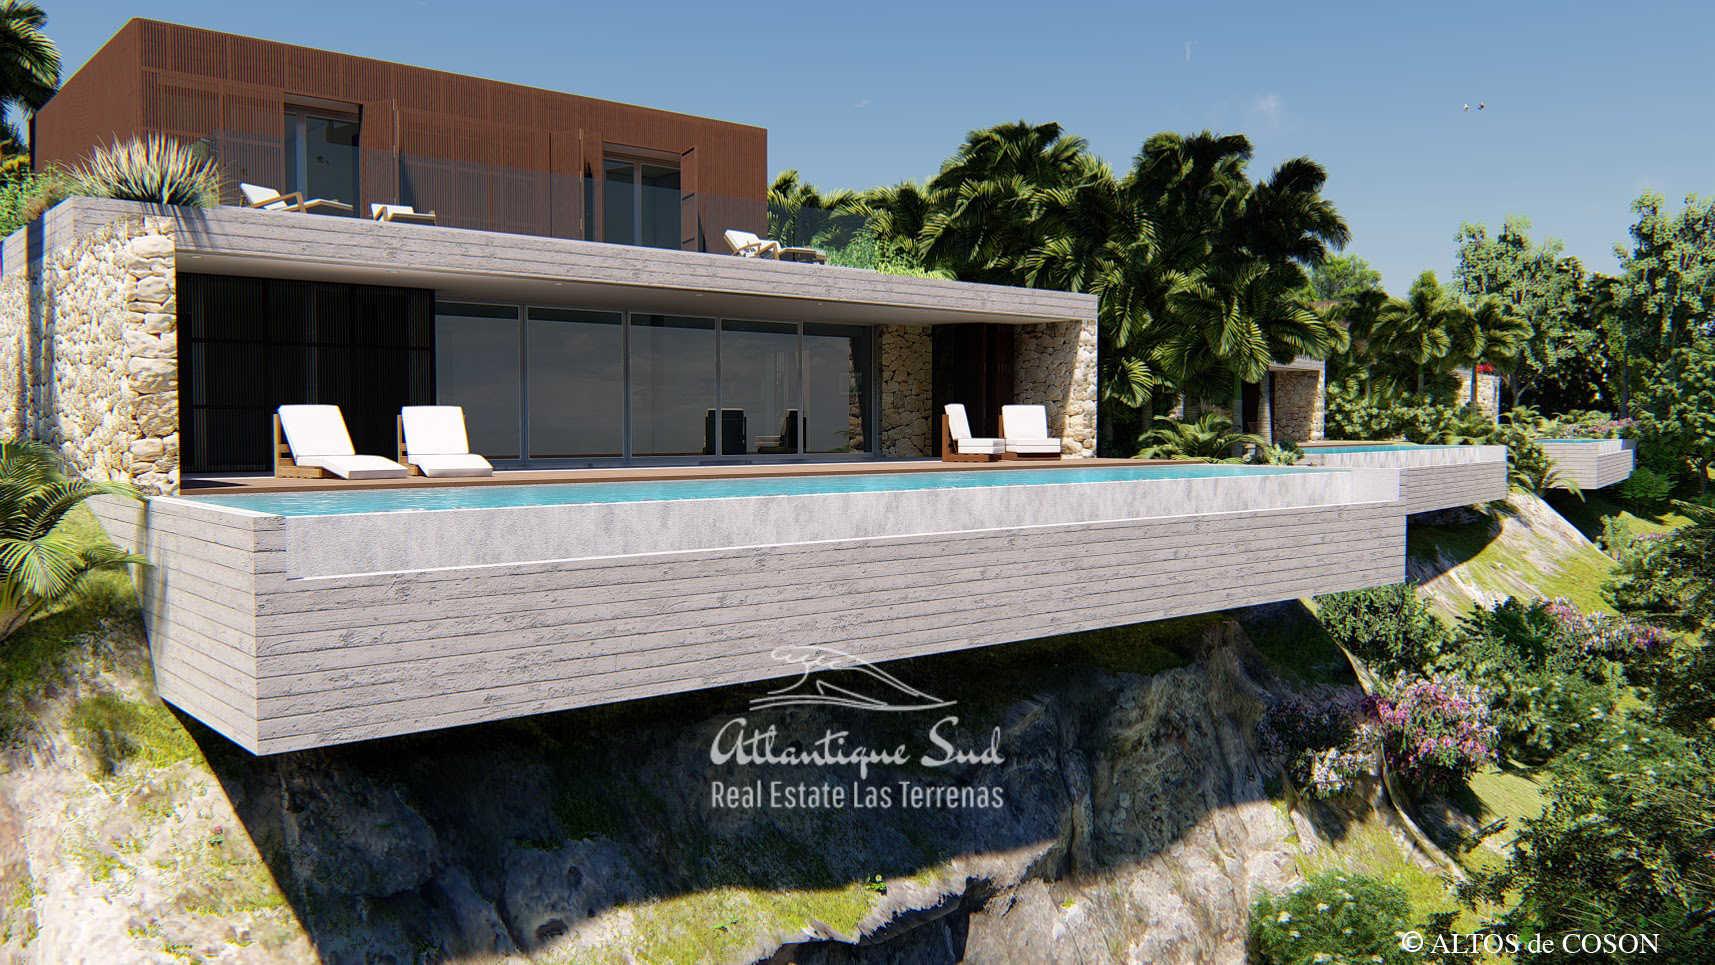 Lots with villas to build in Coson las terrenas8.jpg